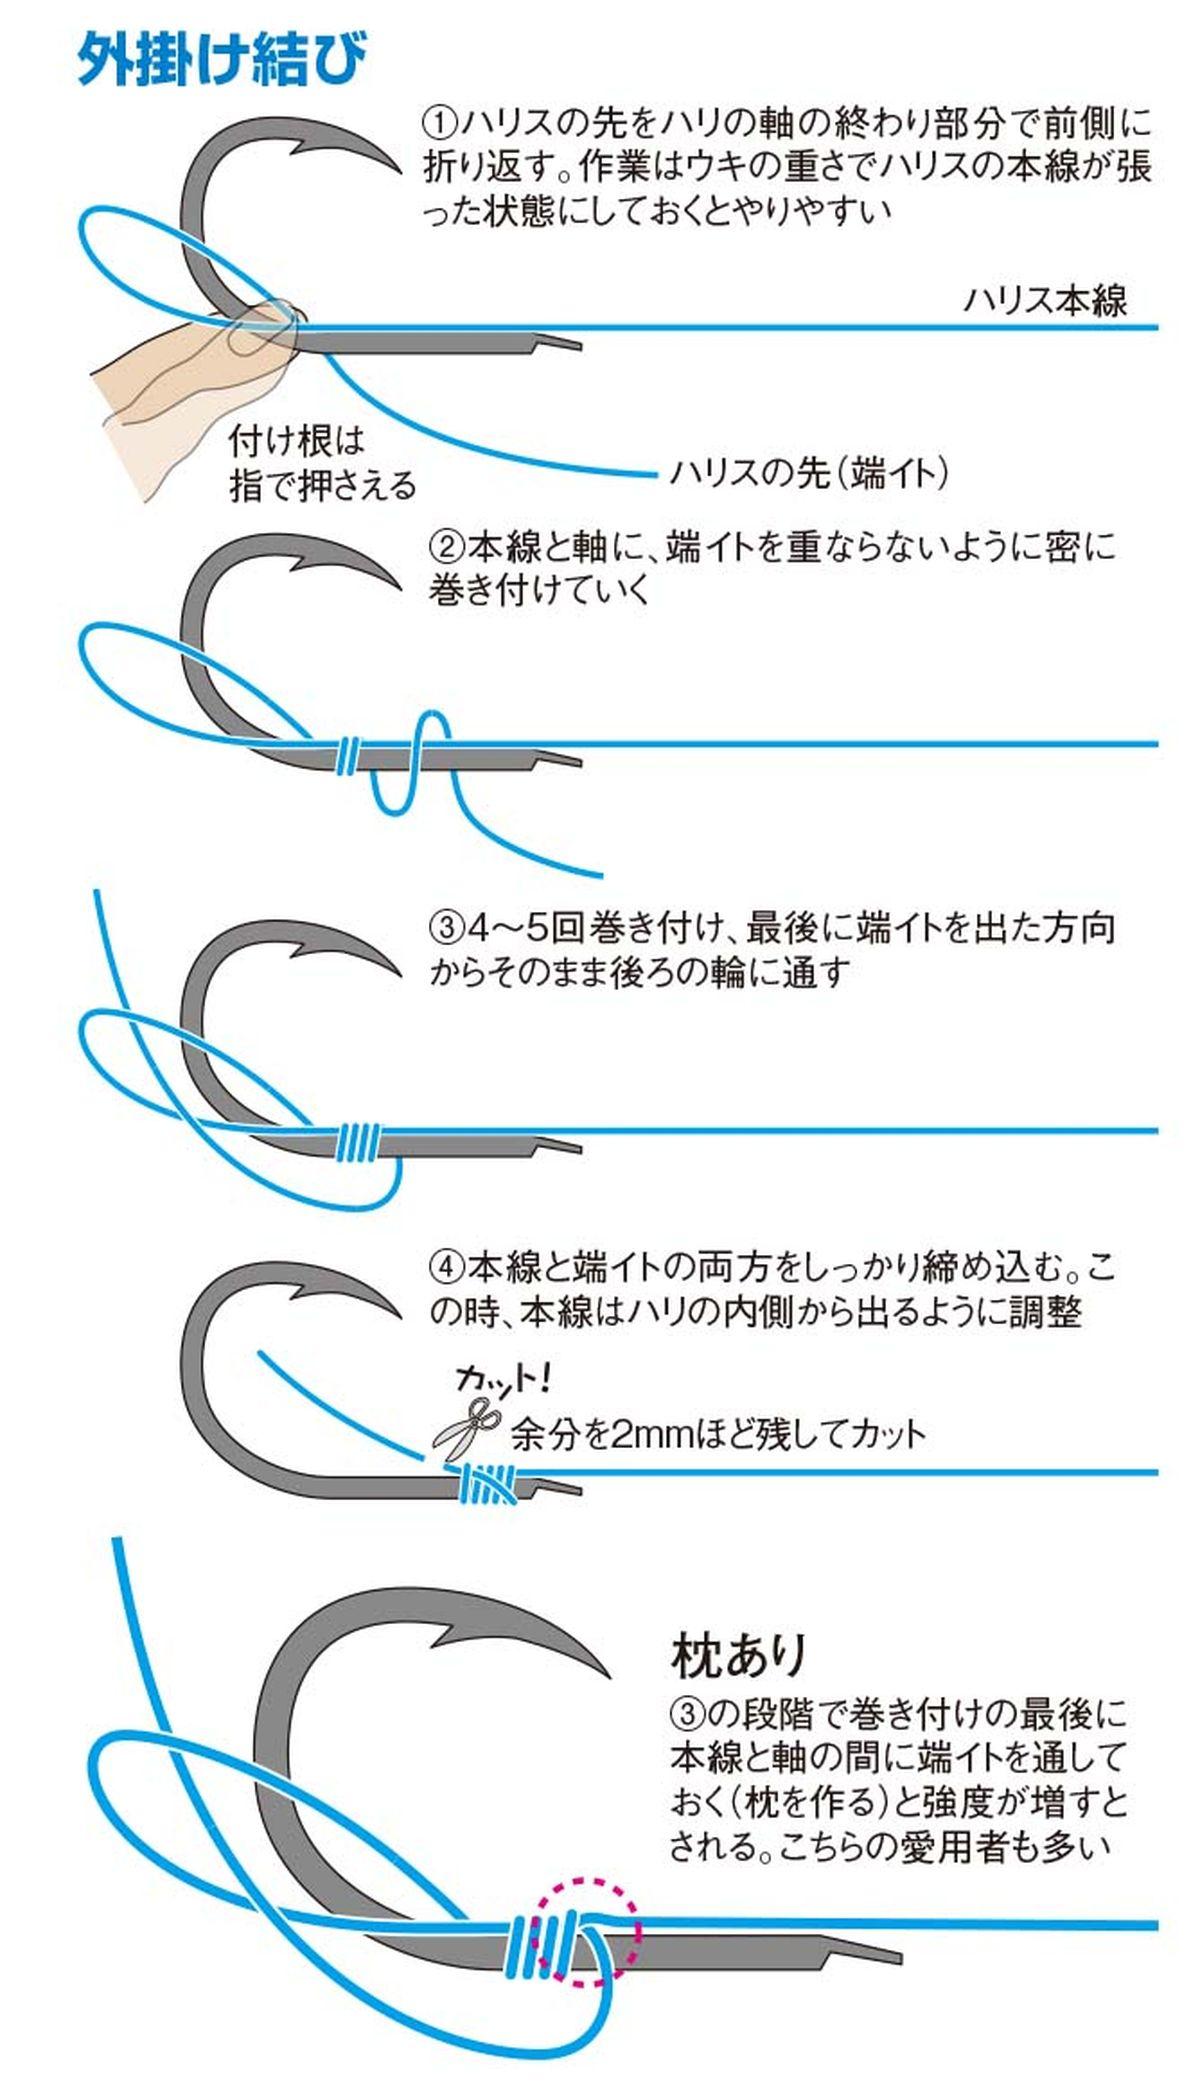 096-102-ukifukase-kihon2_cs6 (79)